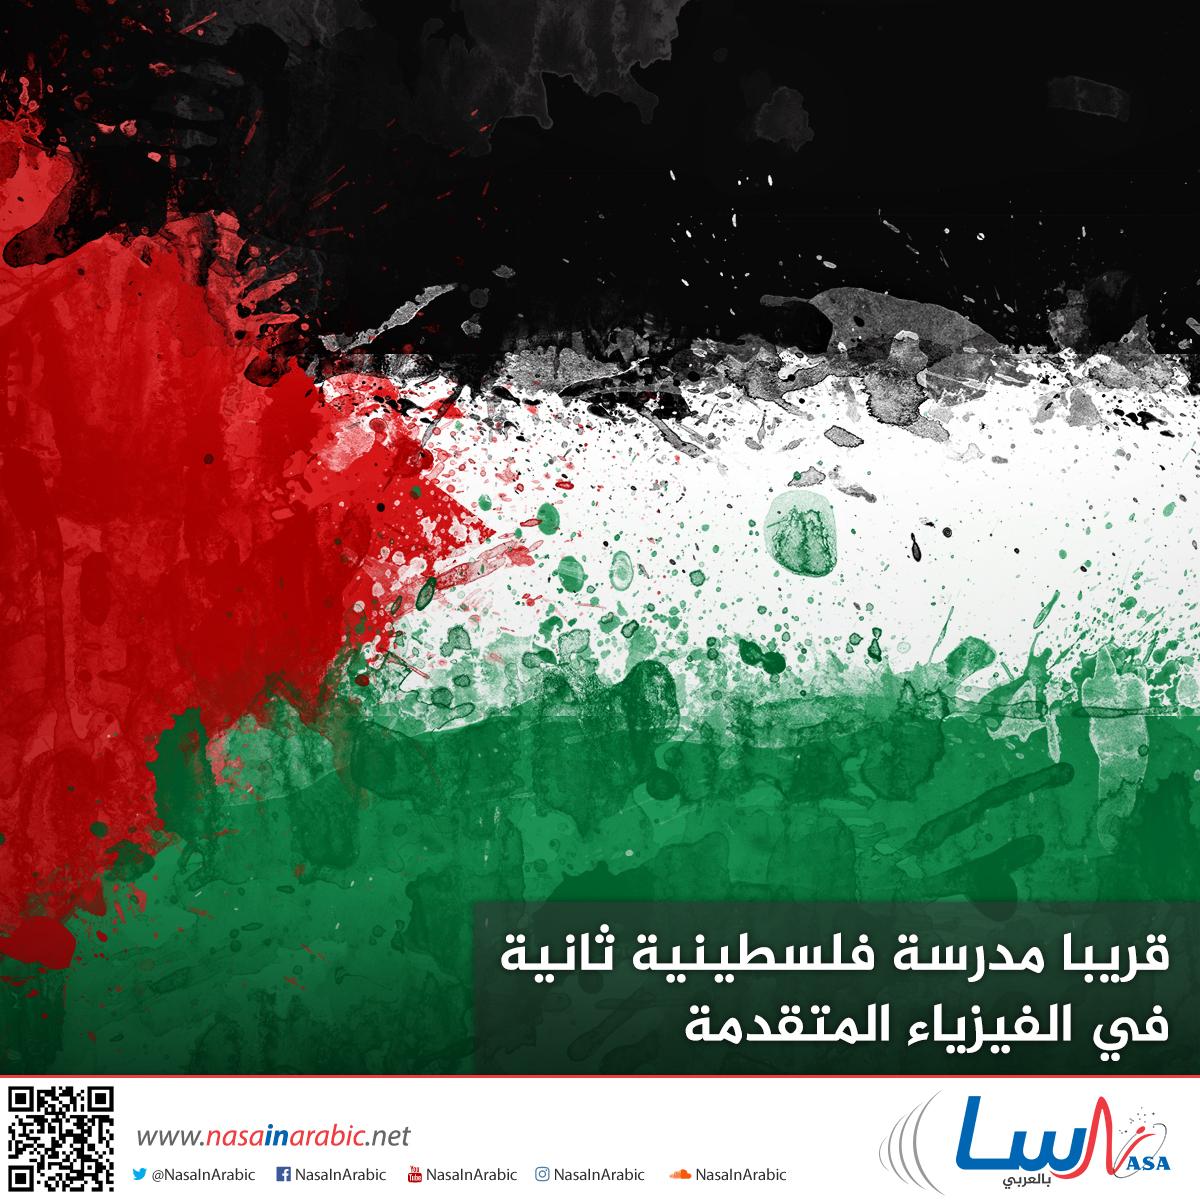 قريبا مدرسة فلسطينية ثانية في الفيزياء المتقدمة